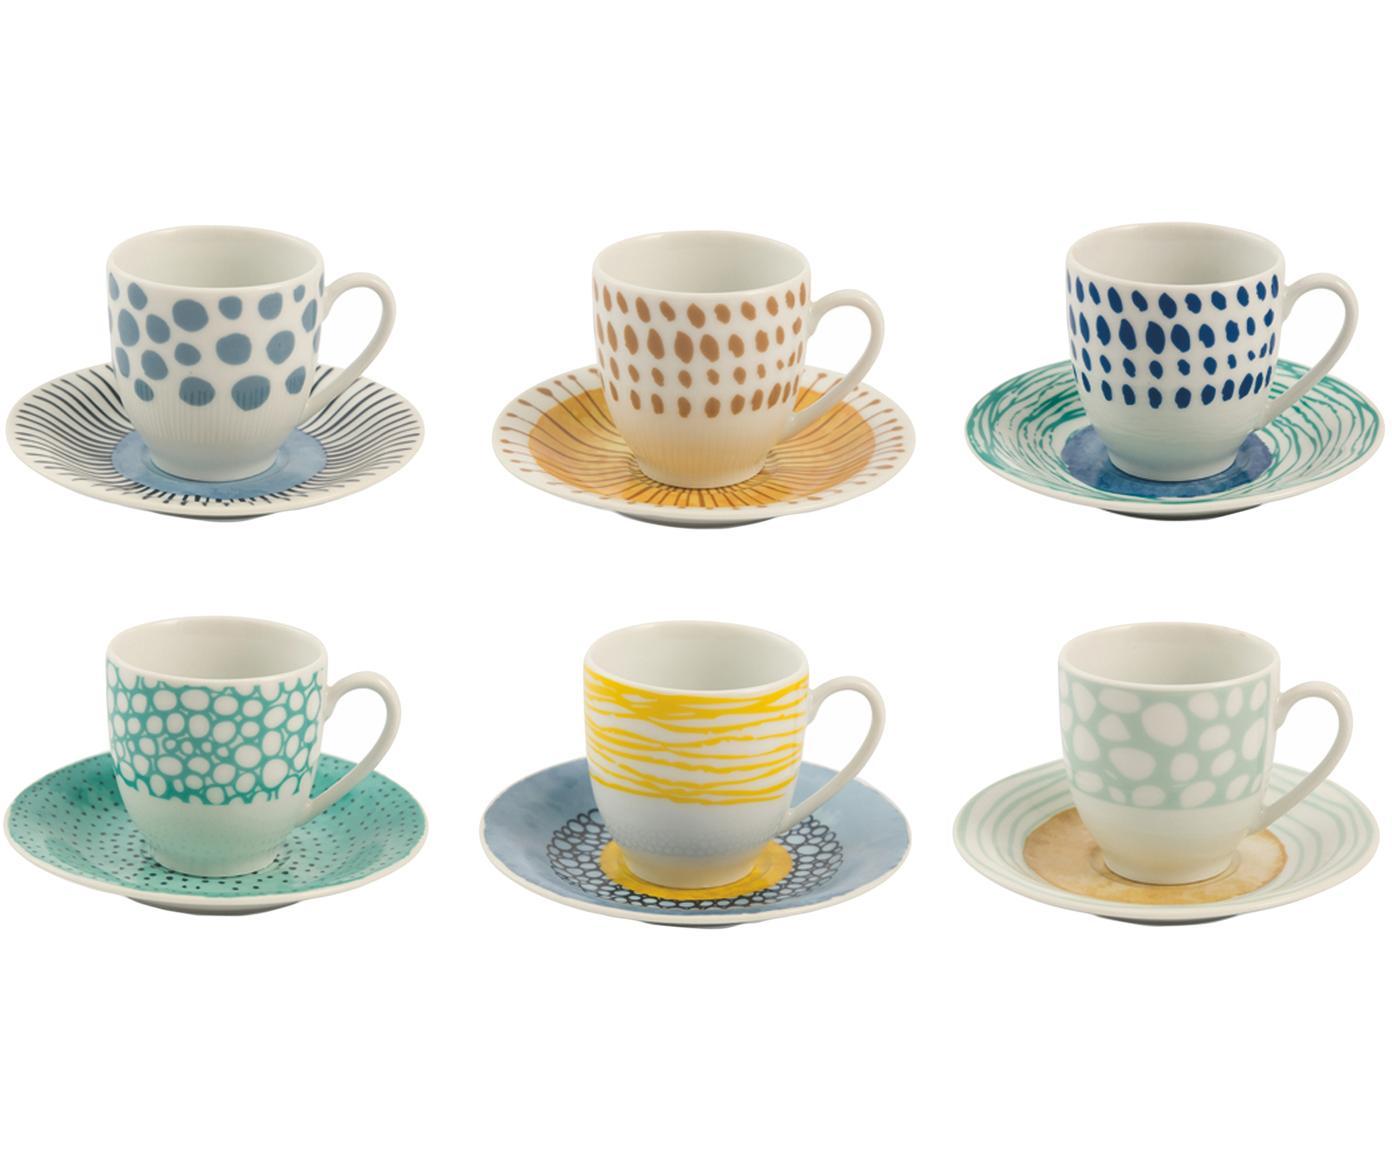 Komplet filiżanek do espresso Marea, 12 elem., Porcelana, Niebieski, biały, żółty, Ø 6 x W 6 cm